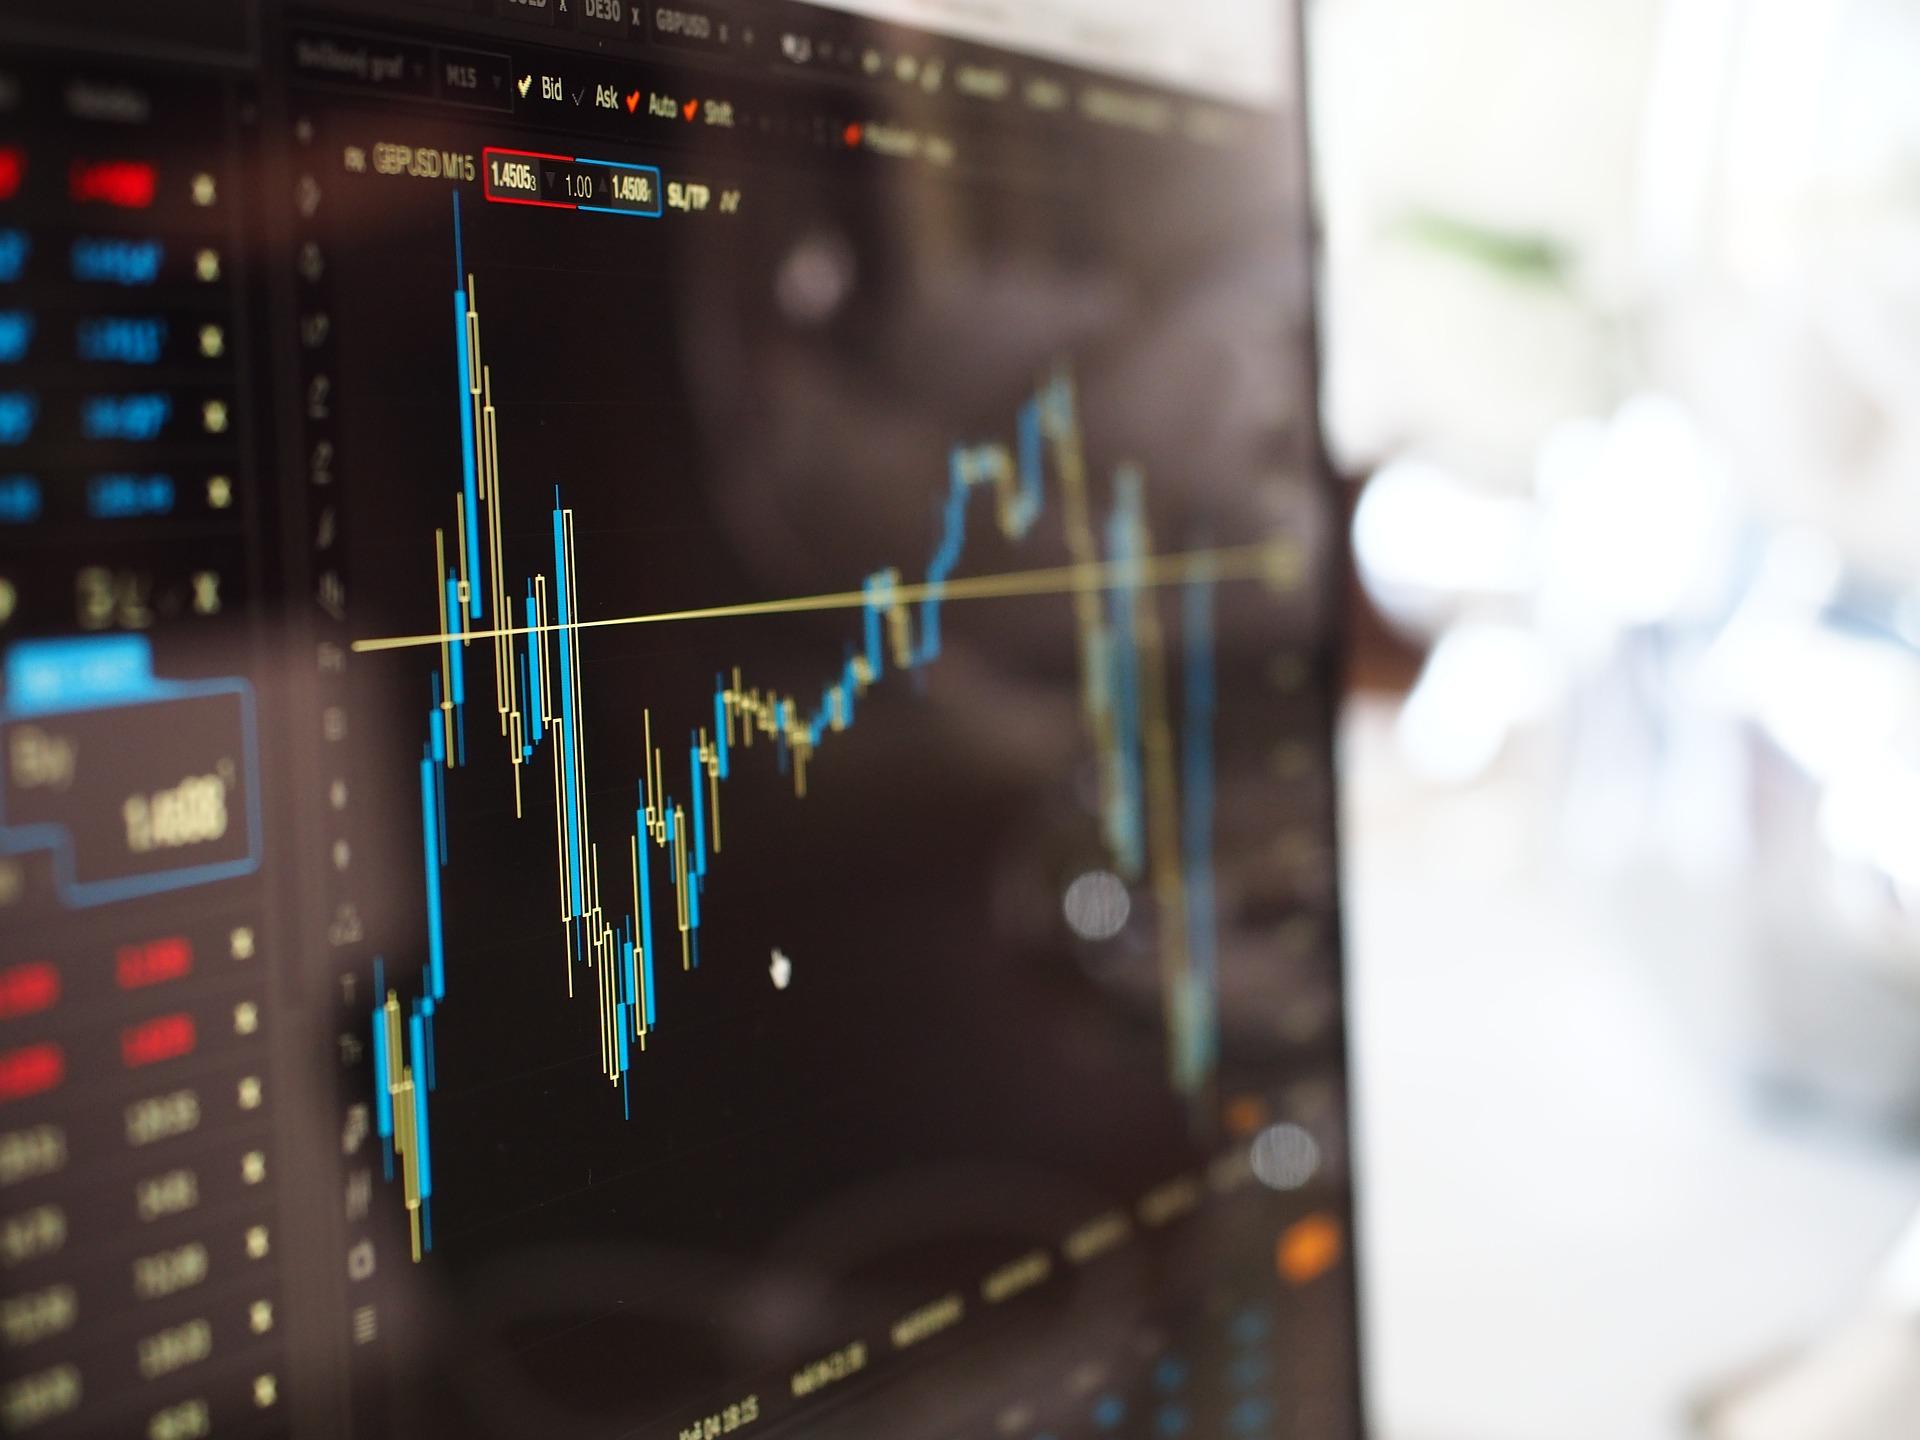 Bourse chute : CAC40, SBF120, que faire des actions qui ont chuté de plus de 50 % de leur valeur ?